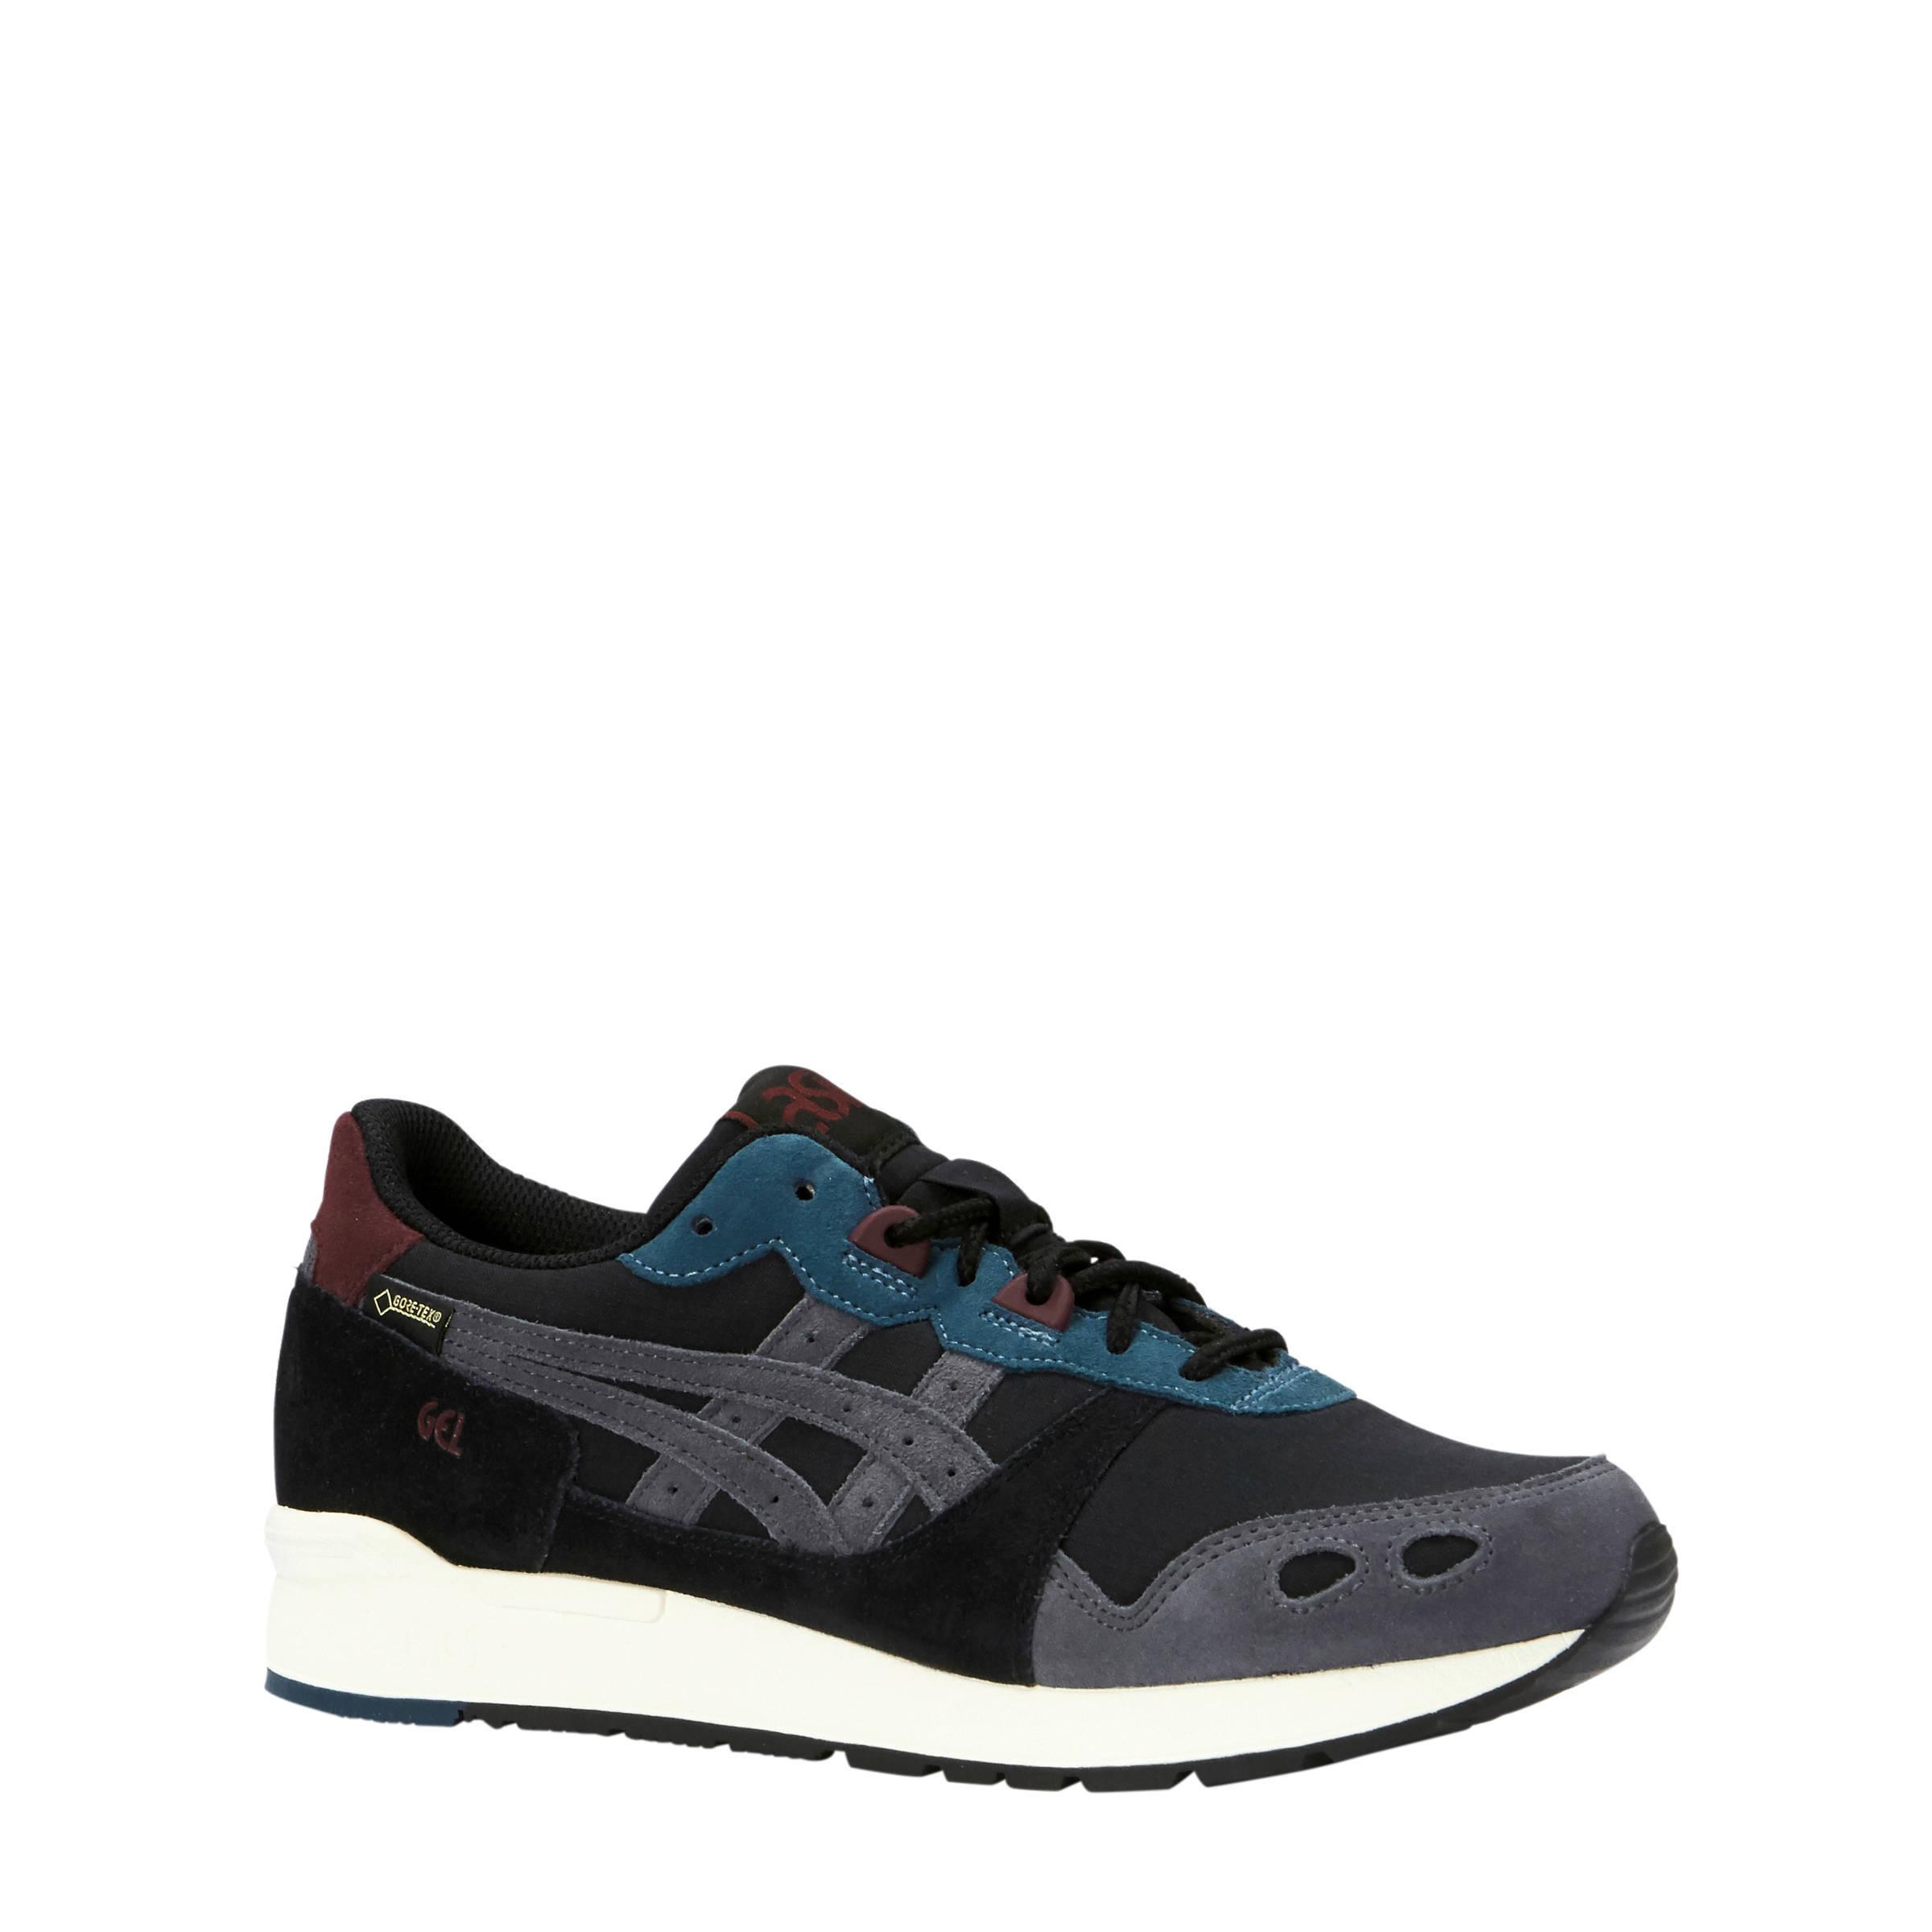 ASICS Gel-Lyte Gore-Tex suède sneakers zwart/grijs (heren)